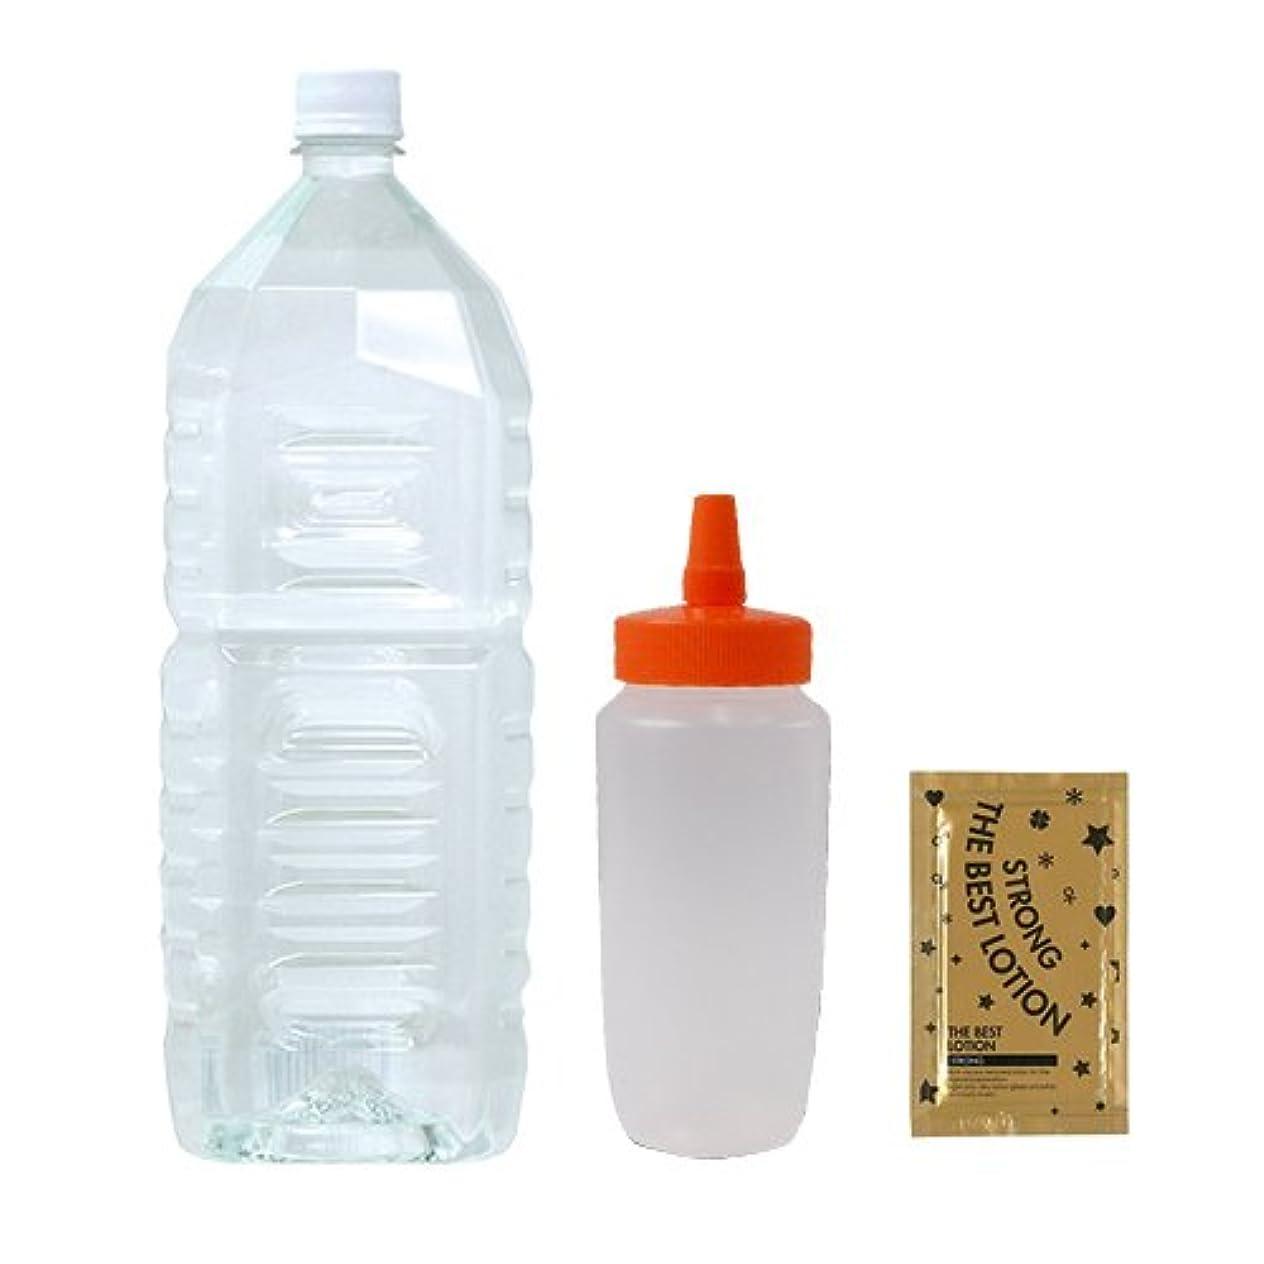 心理的機動恥ずかしいクリアローション 2Lペットボトル ハードタイプ(5倍濃縮原液)+ はちみつ容器360ml(オレンジキャップ)+ ベストローションストロング 1包付き セット